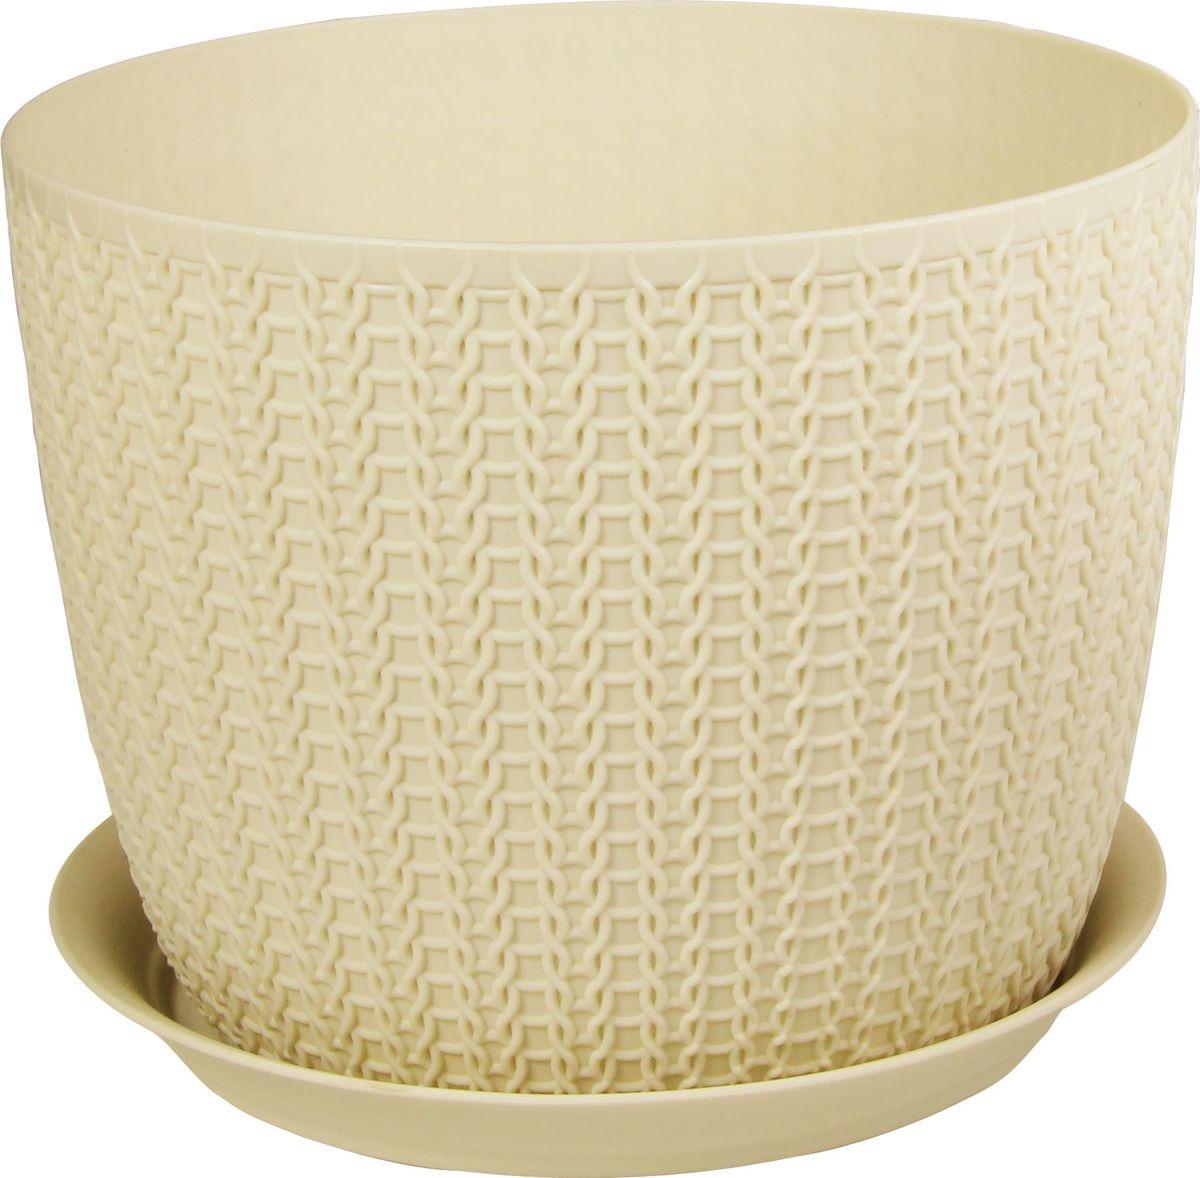 Кашпо Idea Вязание, с поддоном, цвет: белый ротанг, диаметр 15,5 см10503Кашпо Idea Вязание изготовлено из полипропилена (пластика). Специальная подставка предназначена для стока воды. Изделие прекрасно подходит для выращивания растений и цветов в домашних условиях.Диаметр кашпо: 15,5 см. Высота кашпо: 12 см. Объем кашпо: 1,9 л.